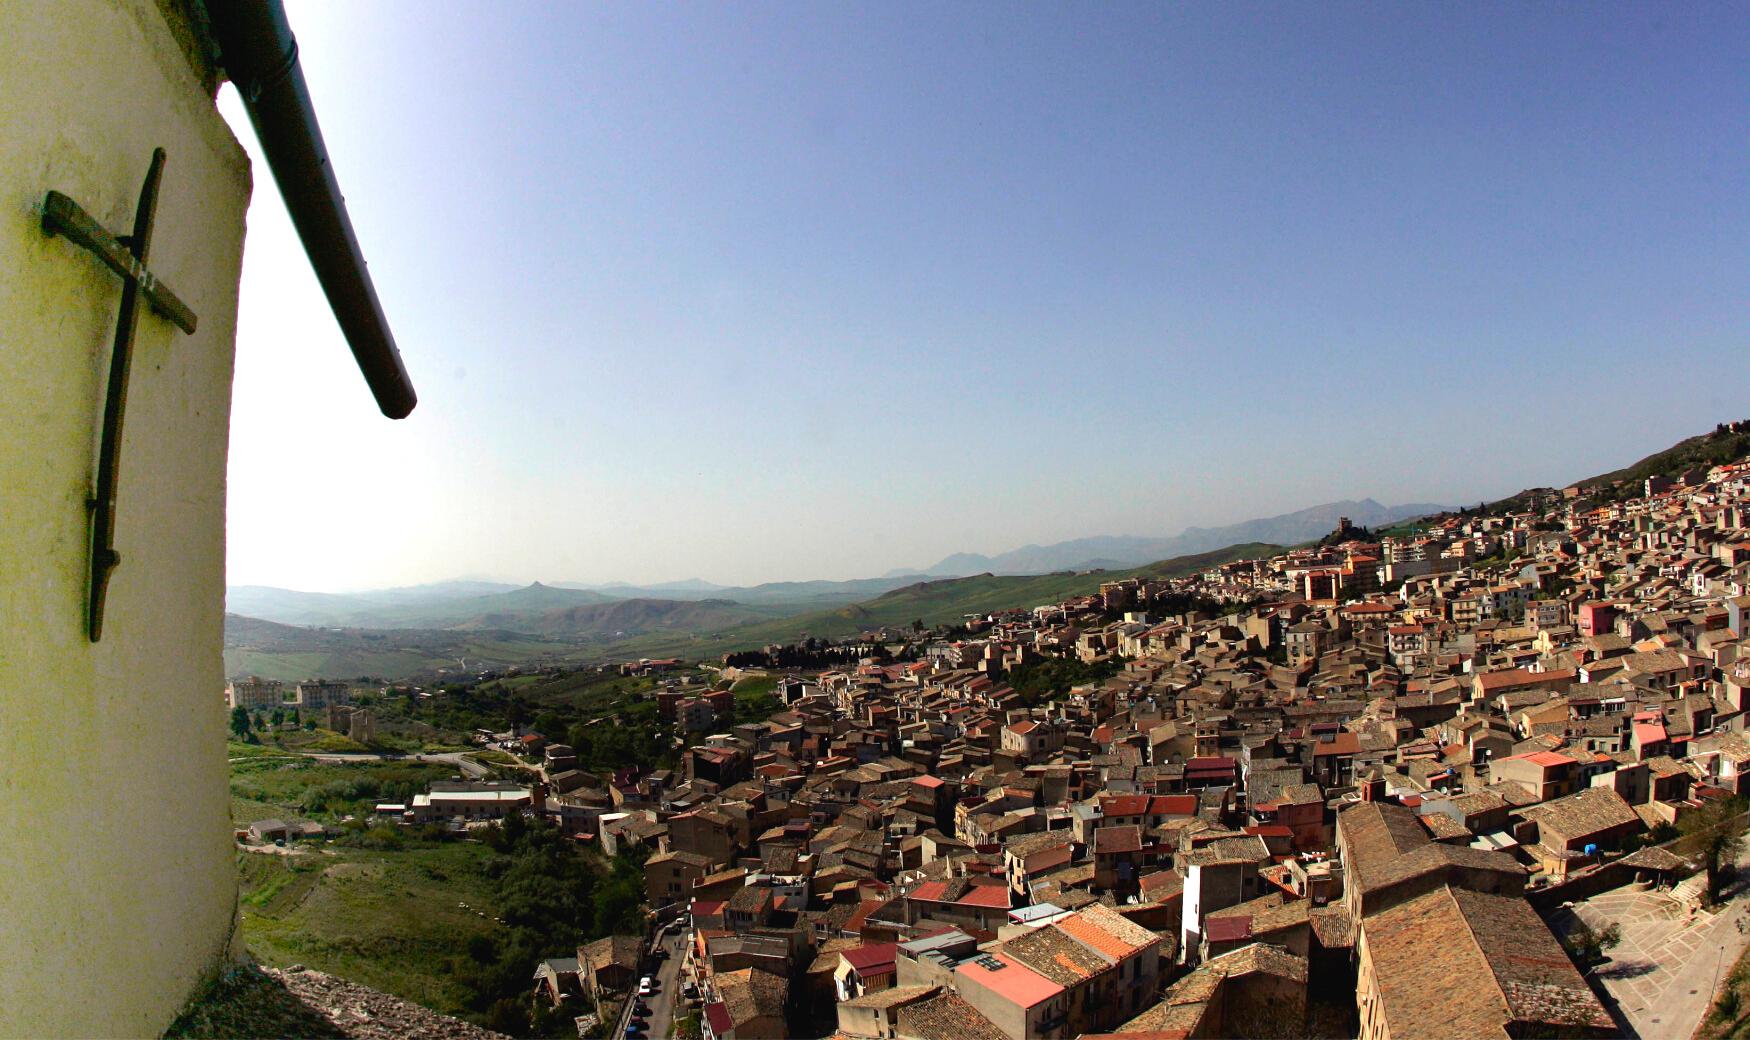 'Ndrangheta: jak funguje a jak se dostala do Česka